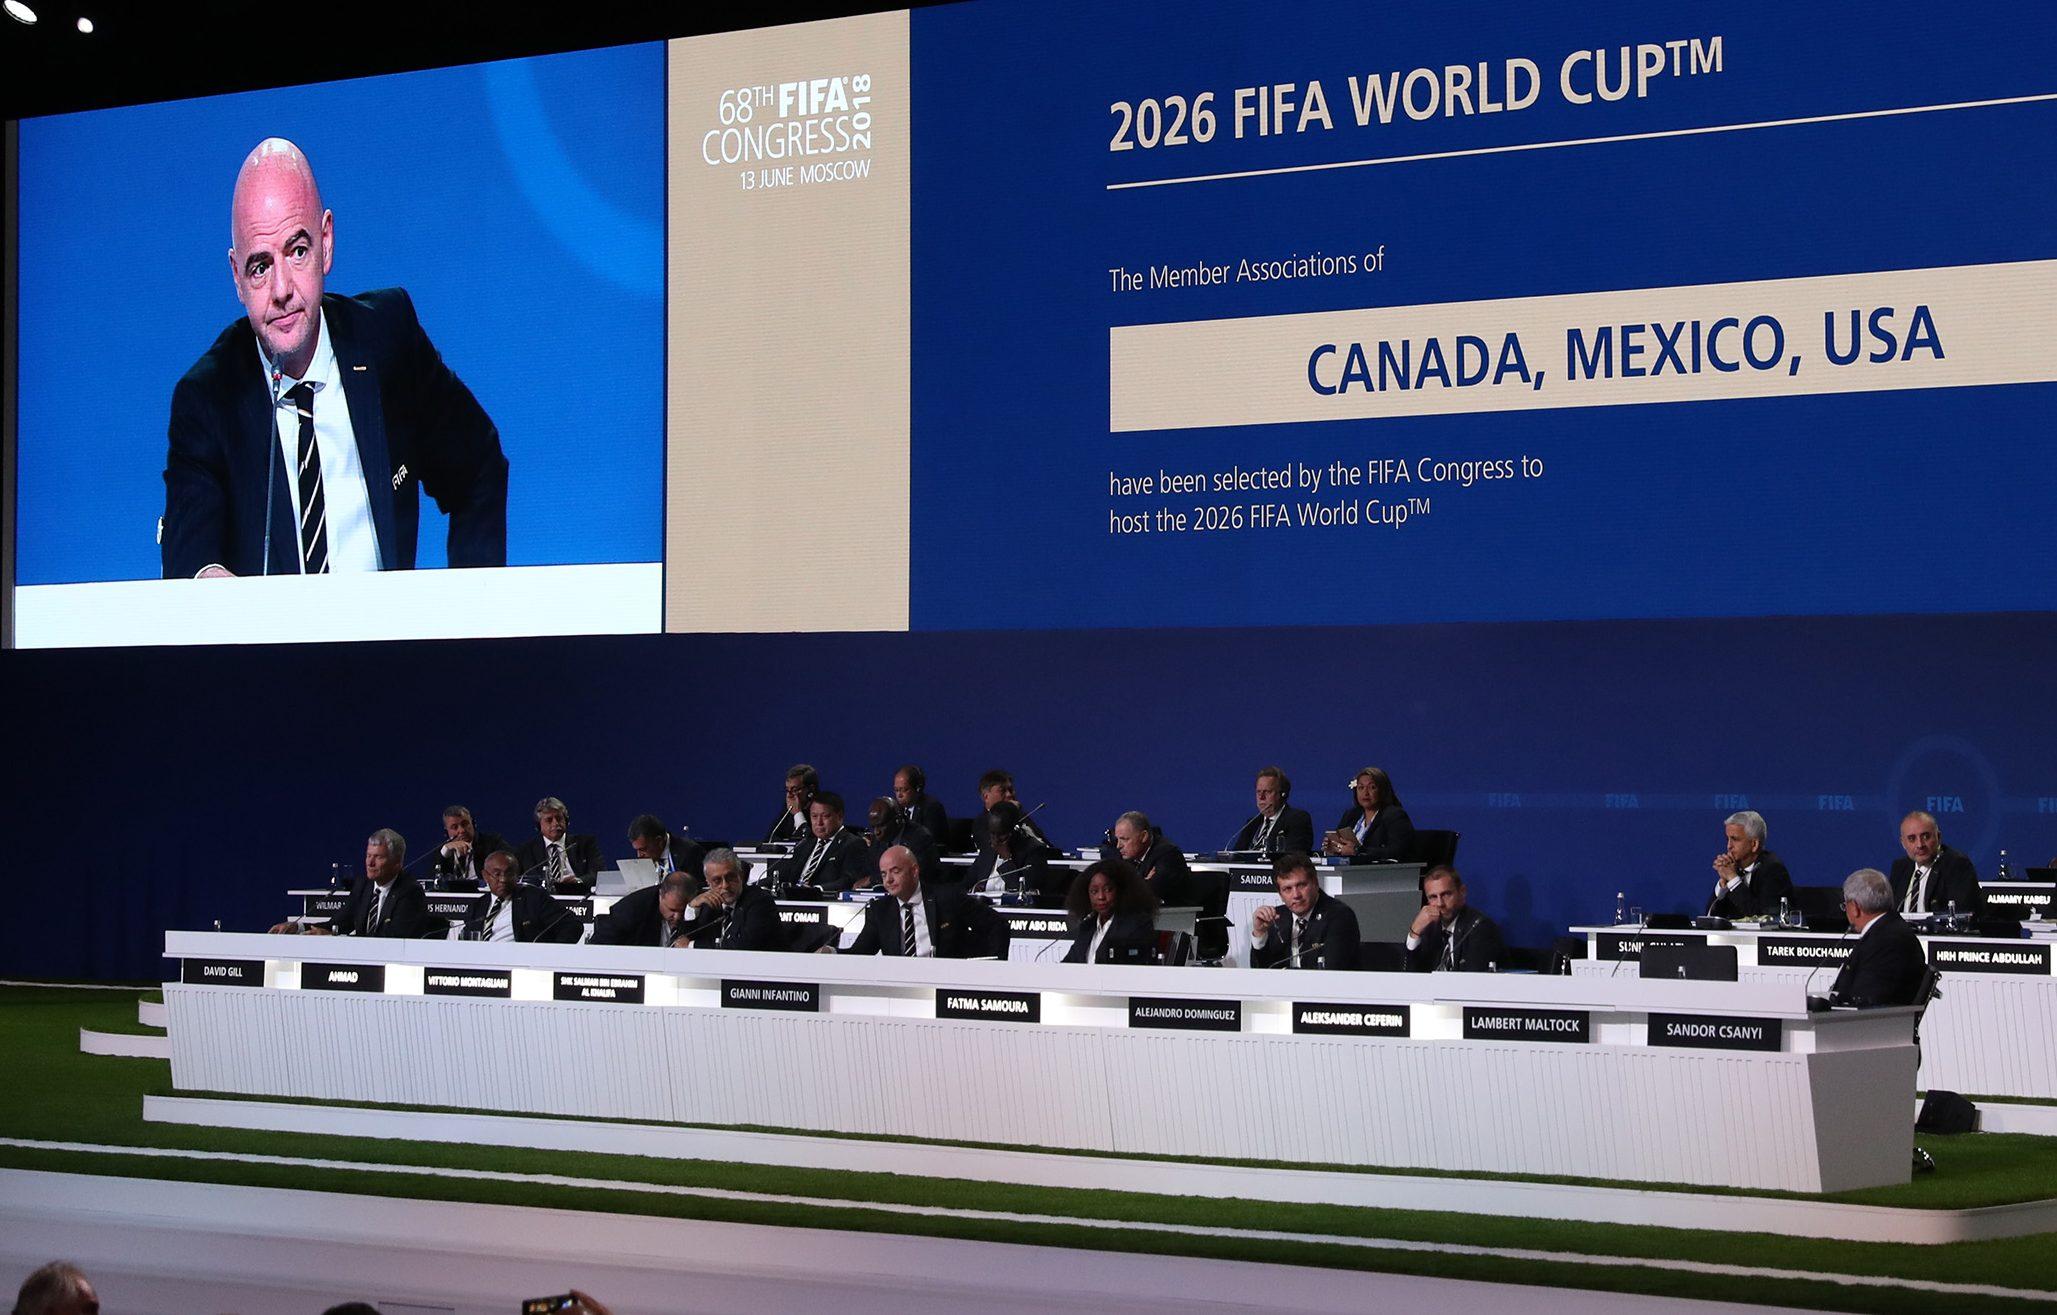 經過狂熱的遊說,美國、墨西哥和加拿大組成的「北美聯盟」,13日以贏得壓倒性票數贏得2026年世足賽的主辦權。(TNS)